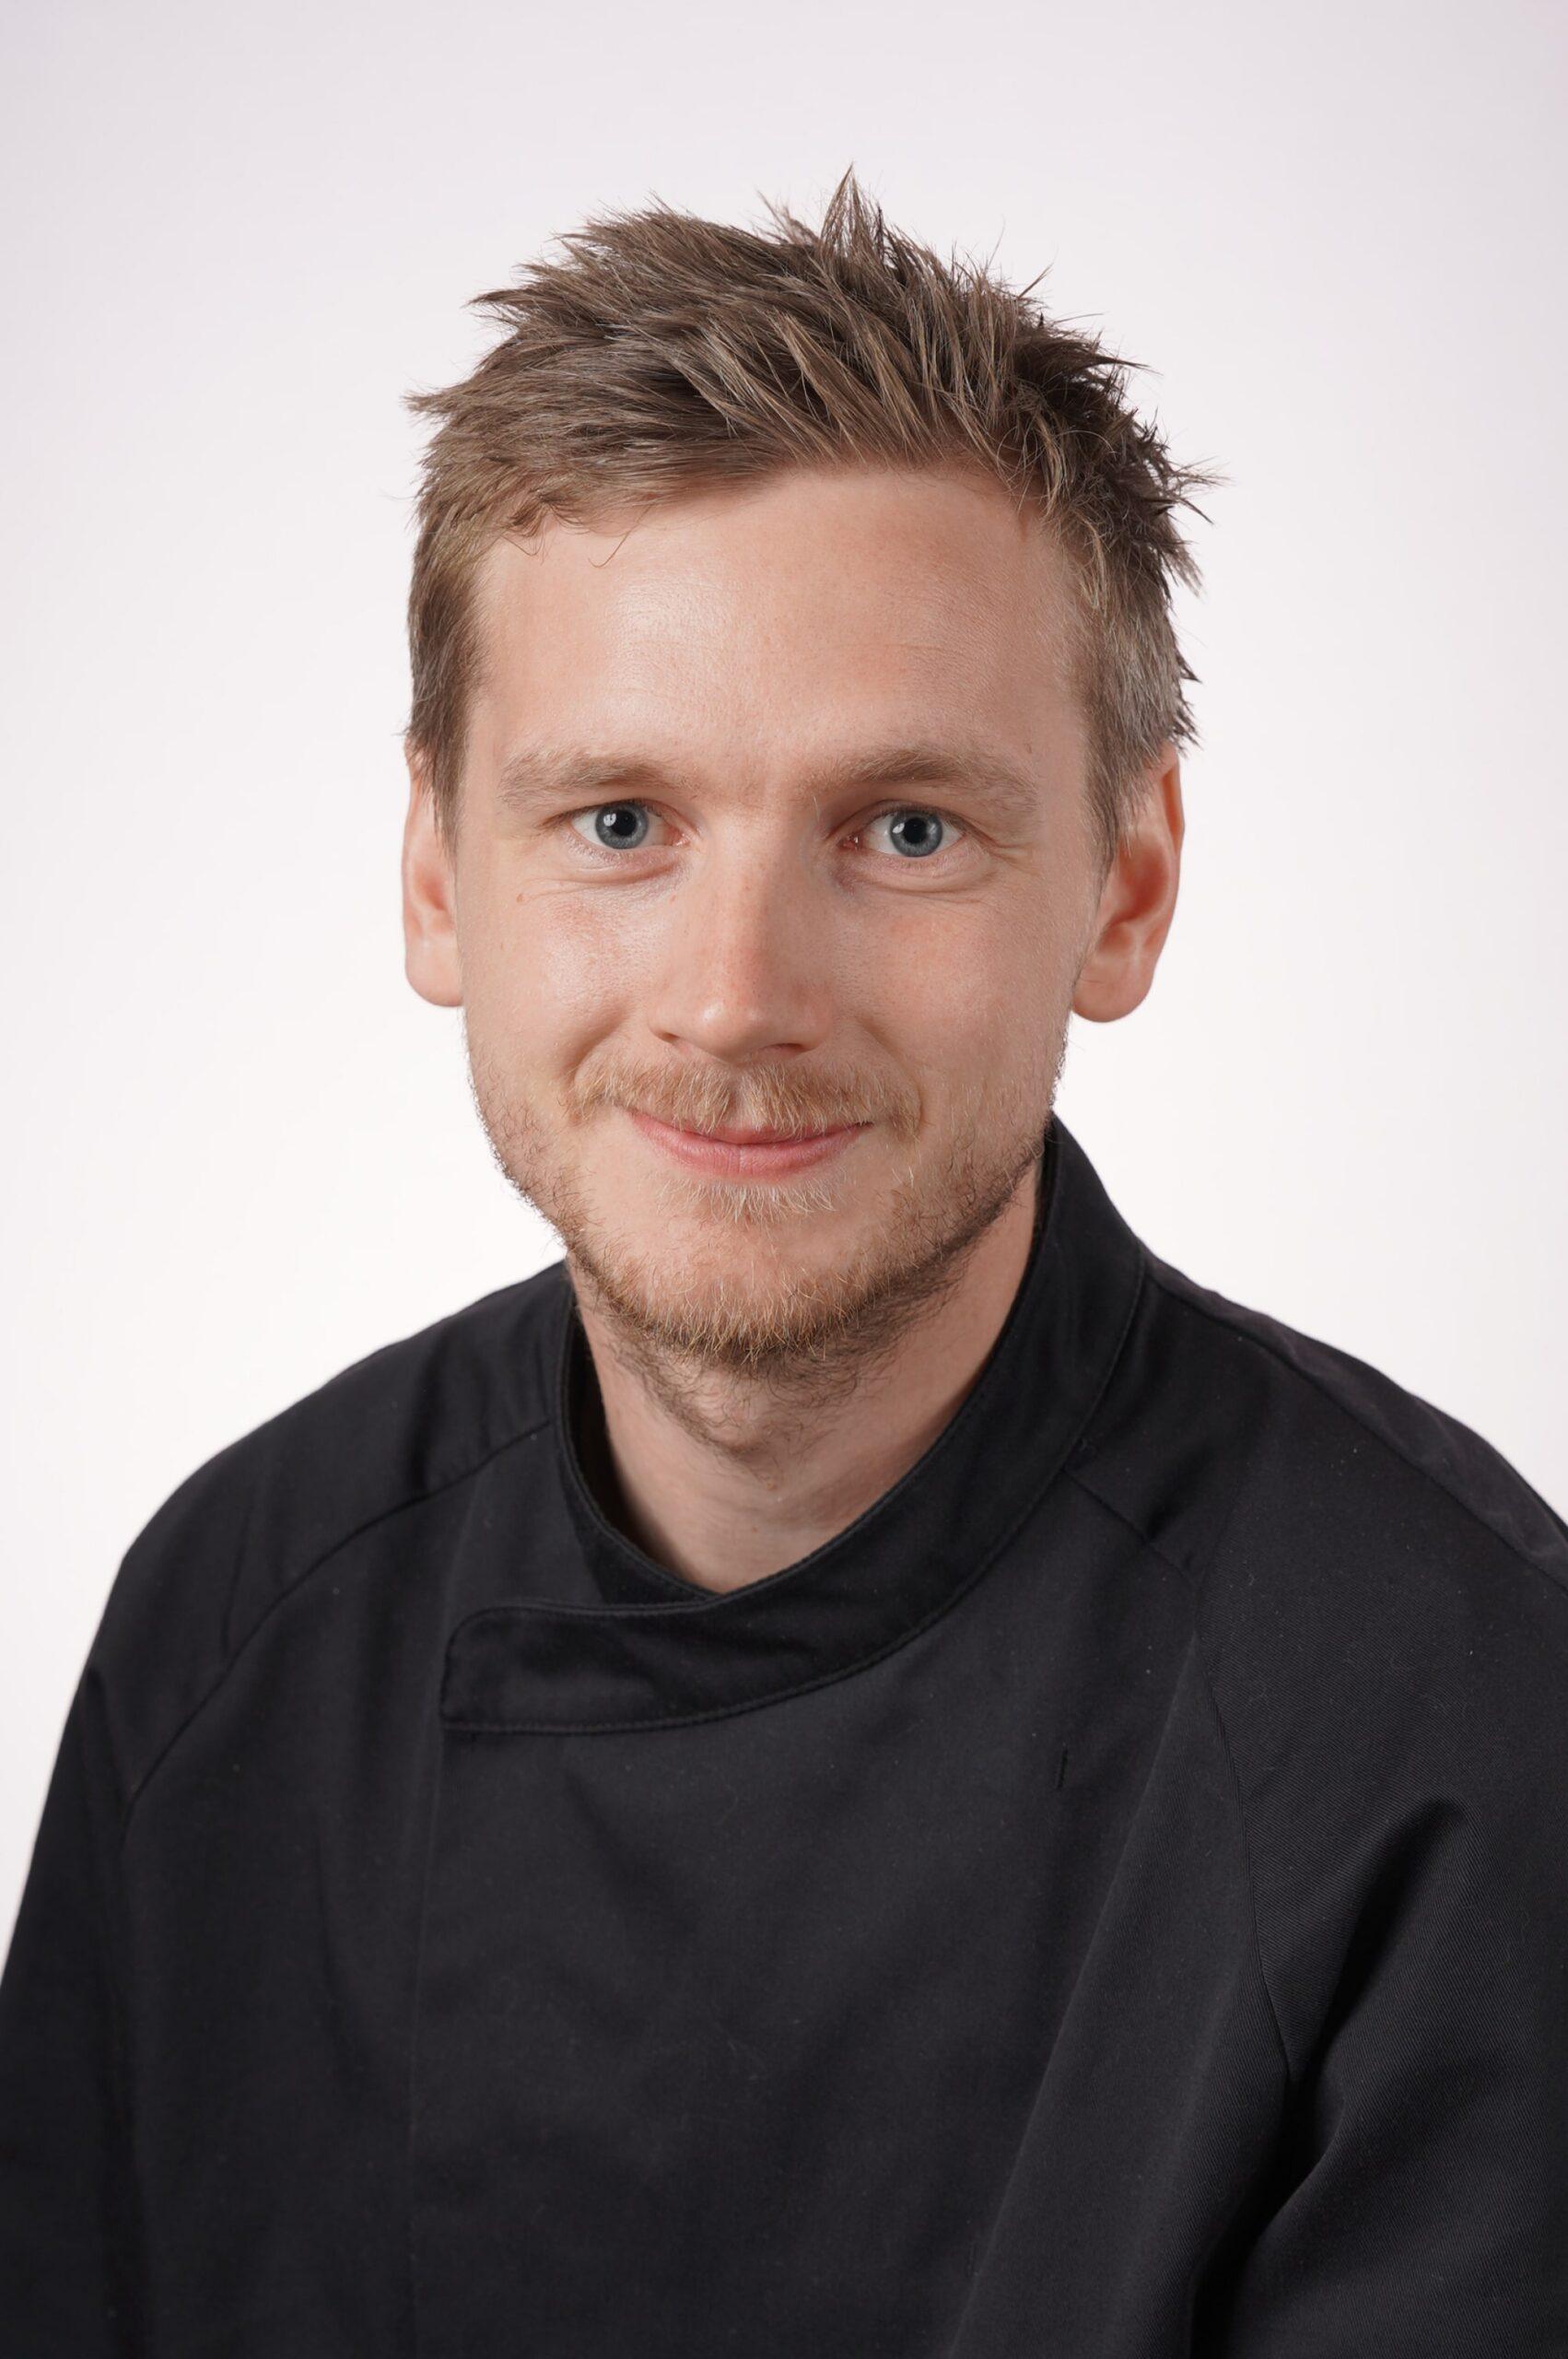 Martin Jeppesen